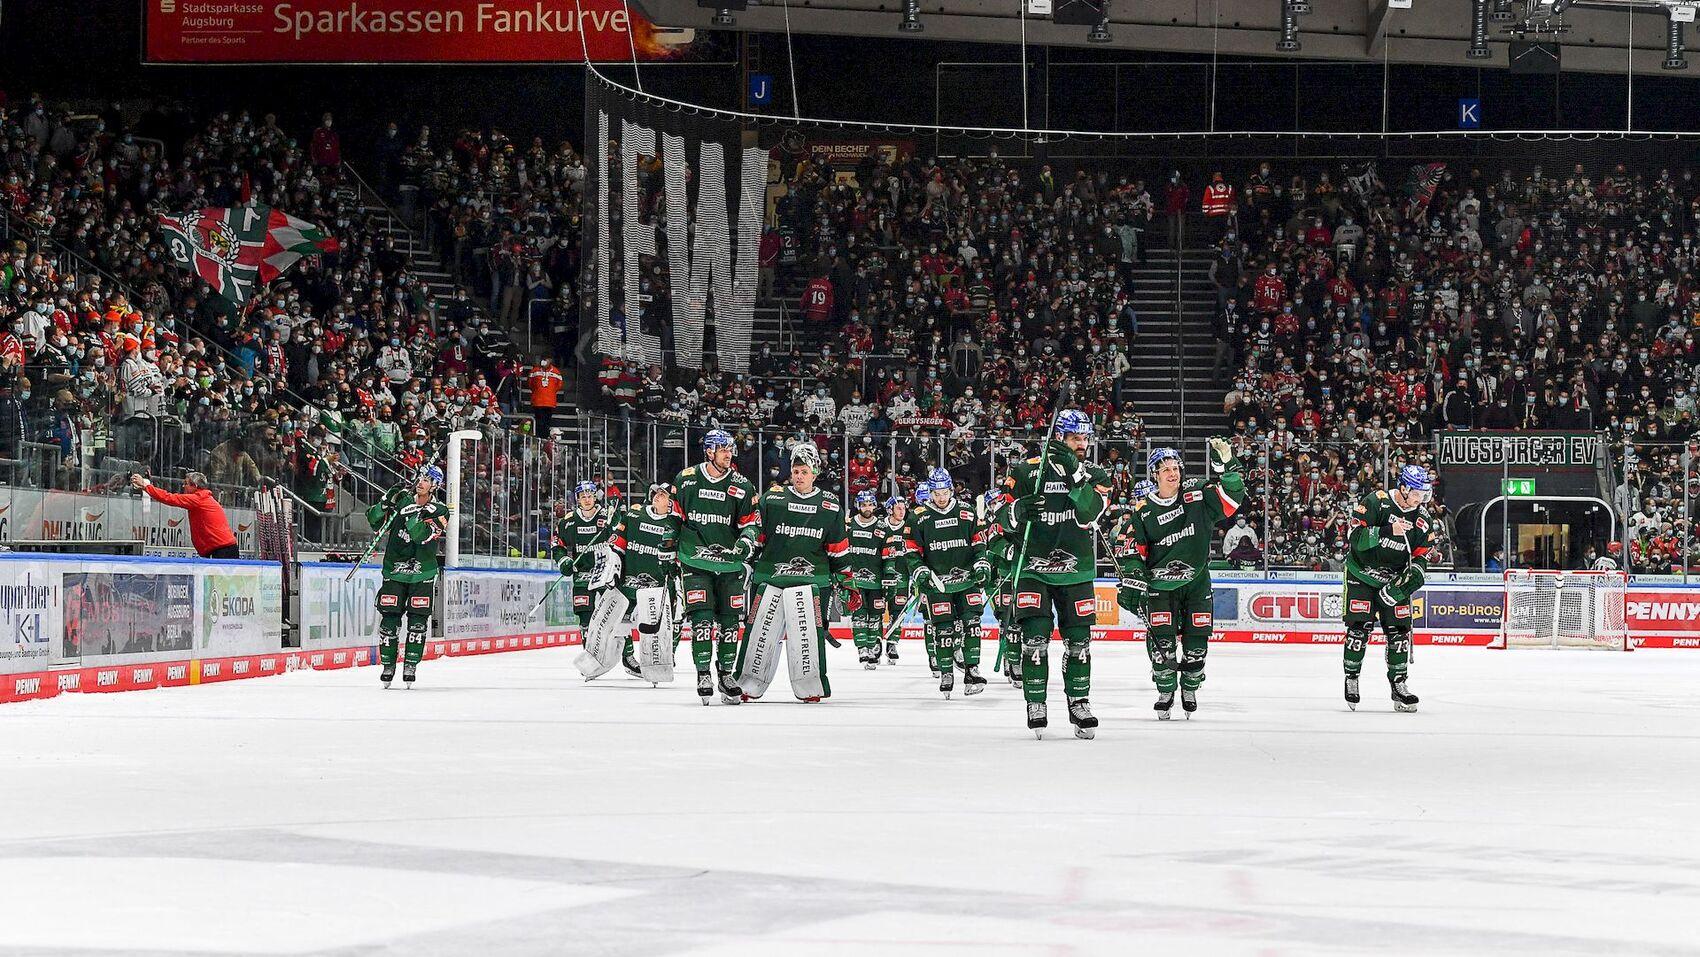 Heimspiel - Derby zwischen Augsburg und München